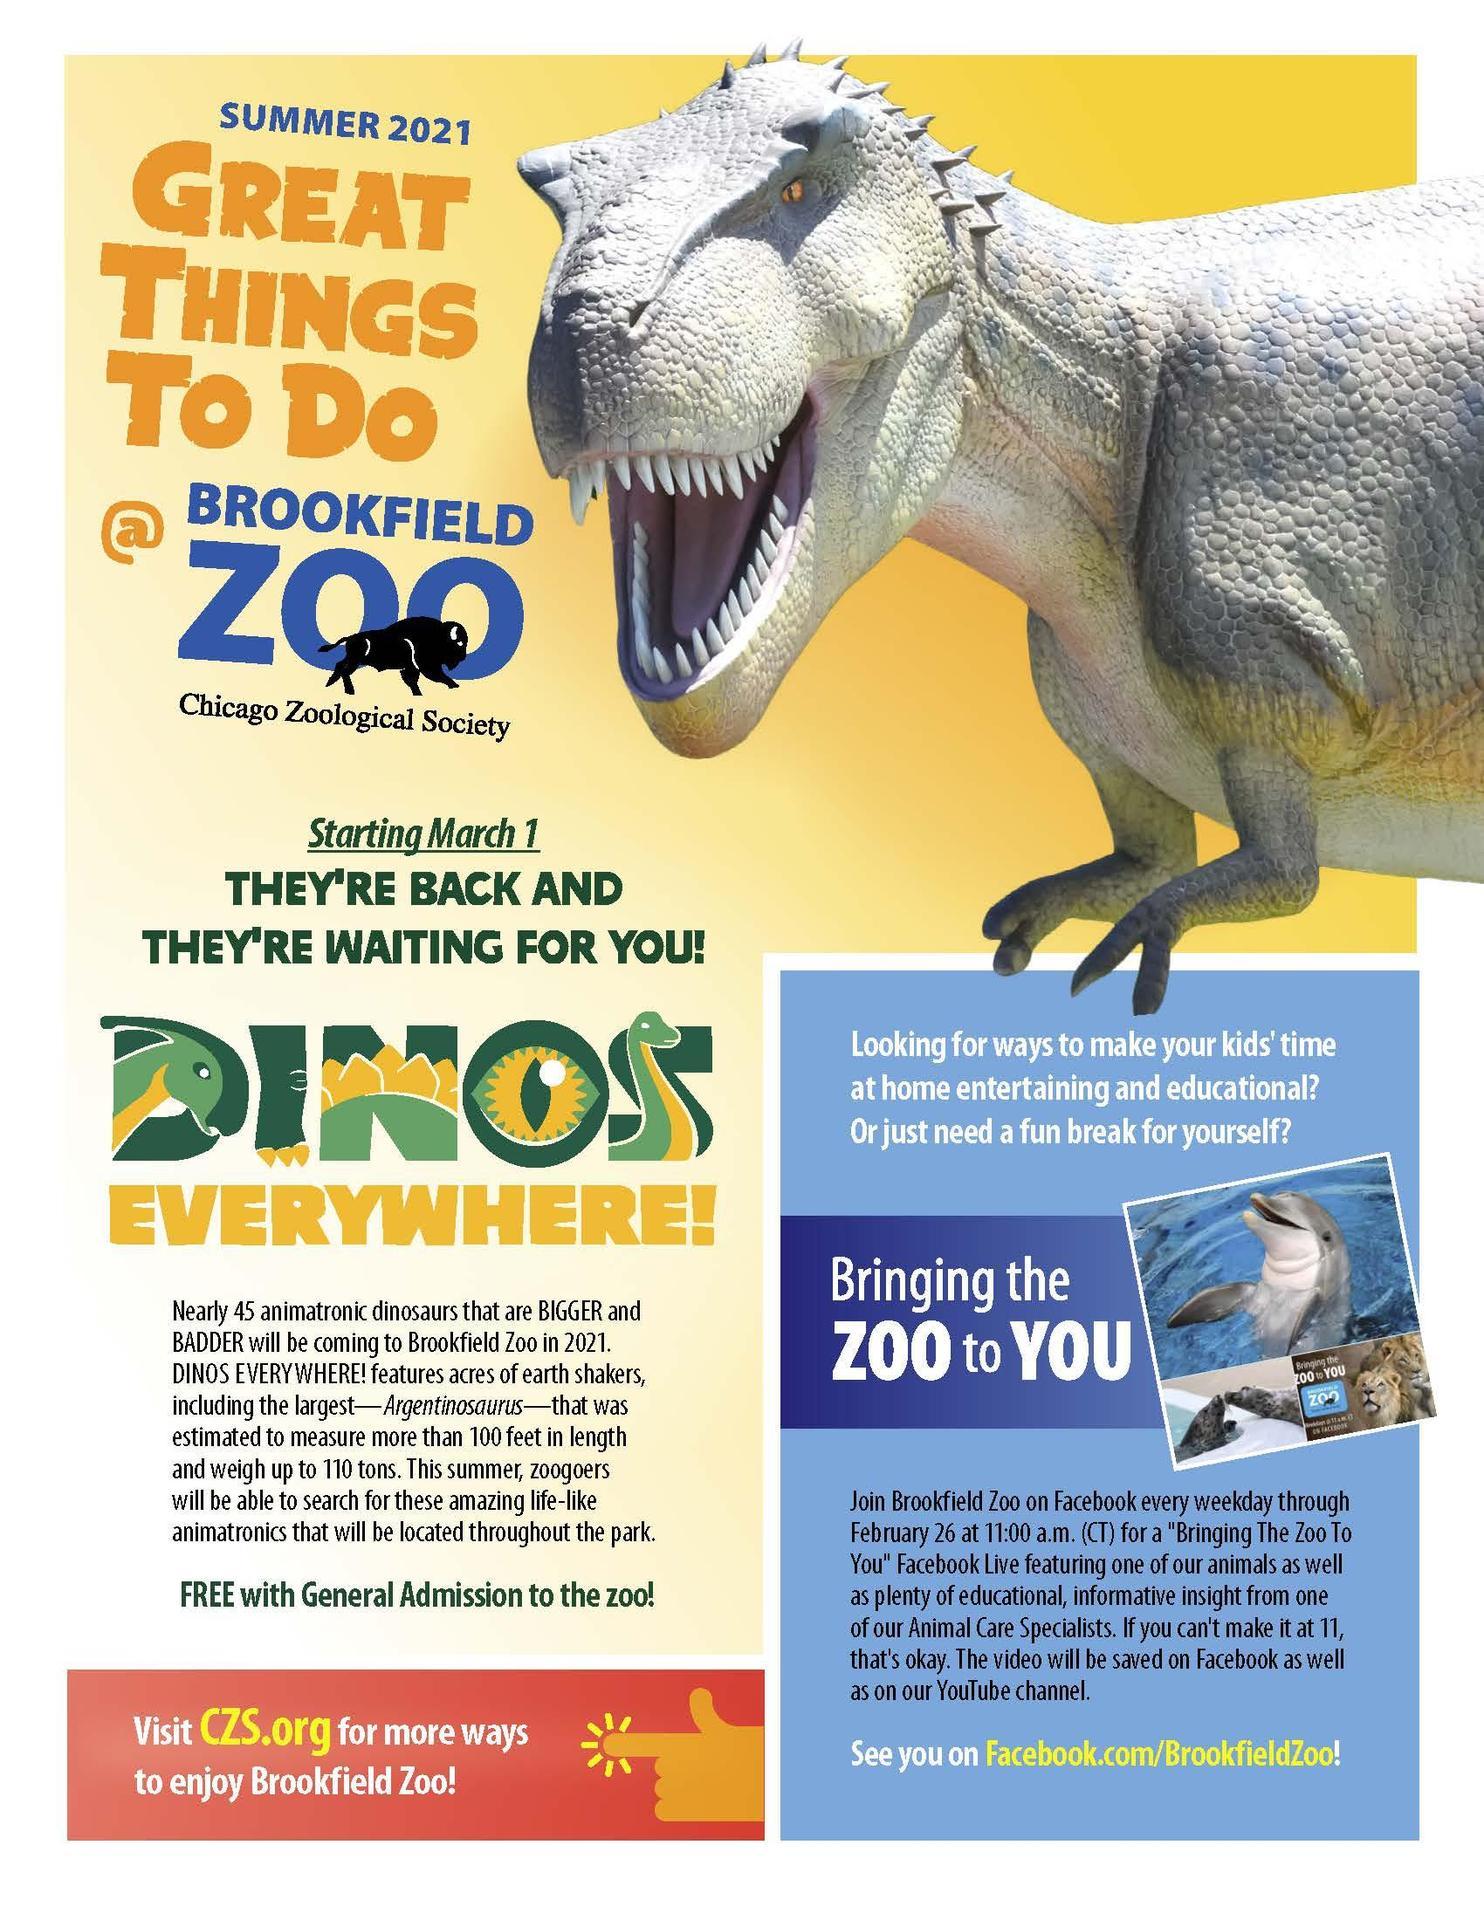 Brookfield Zoo summer